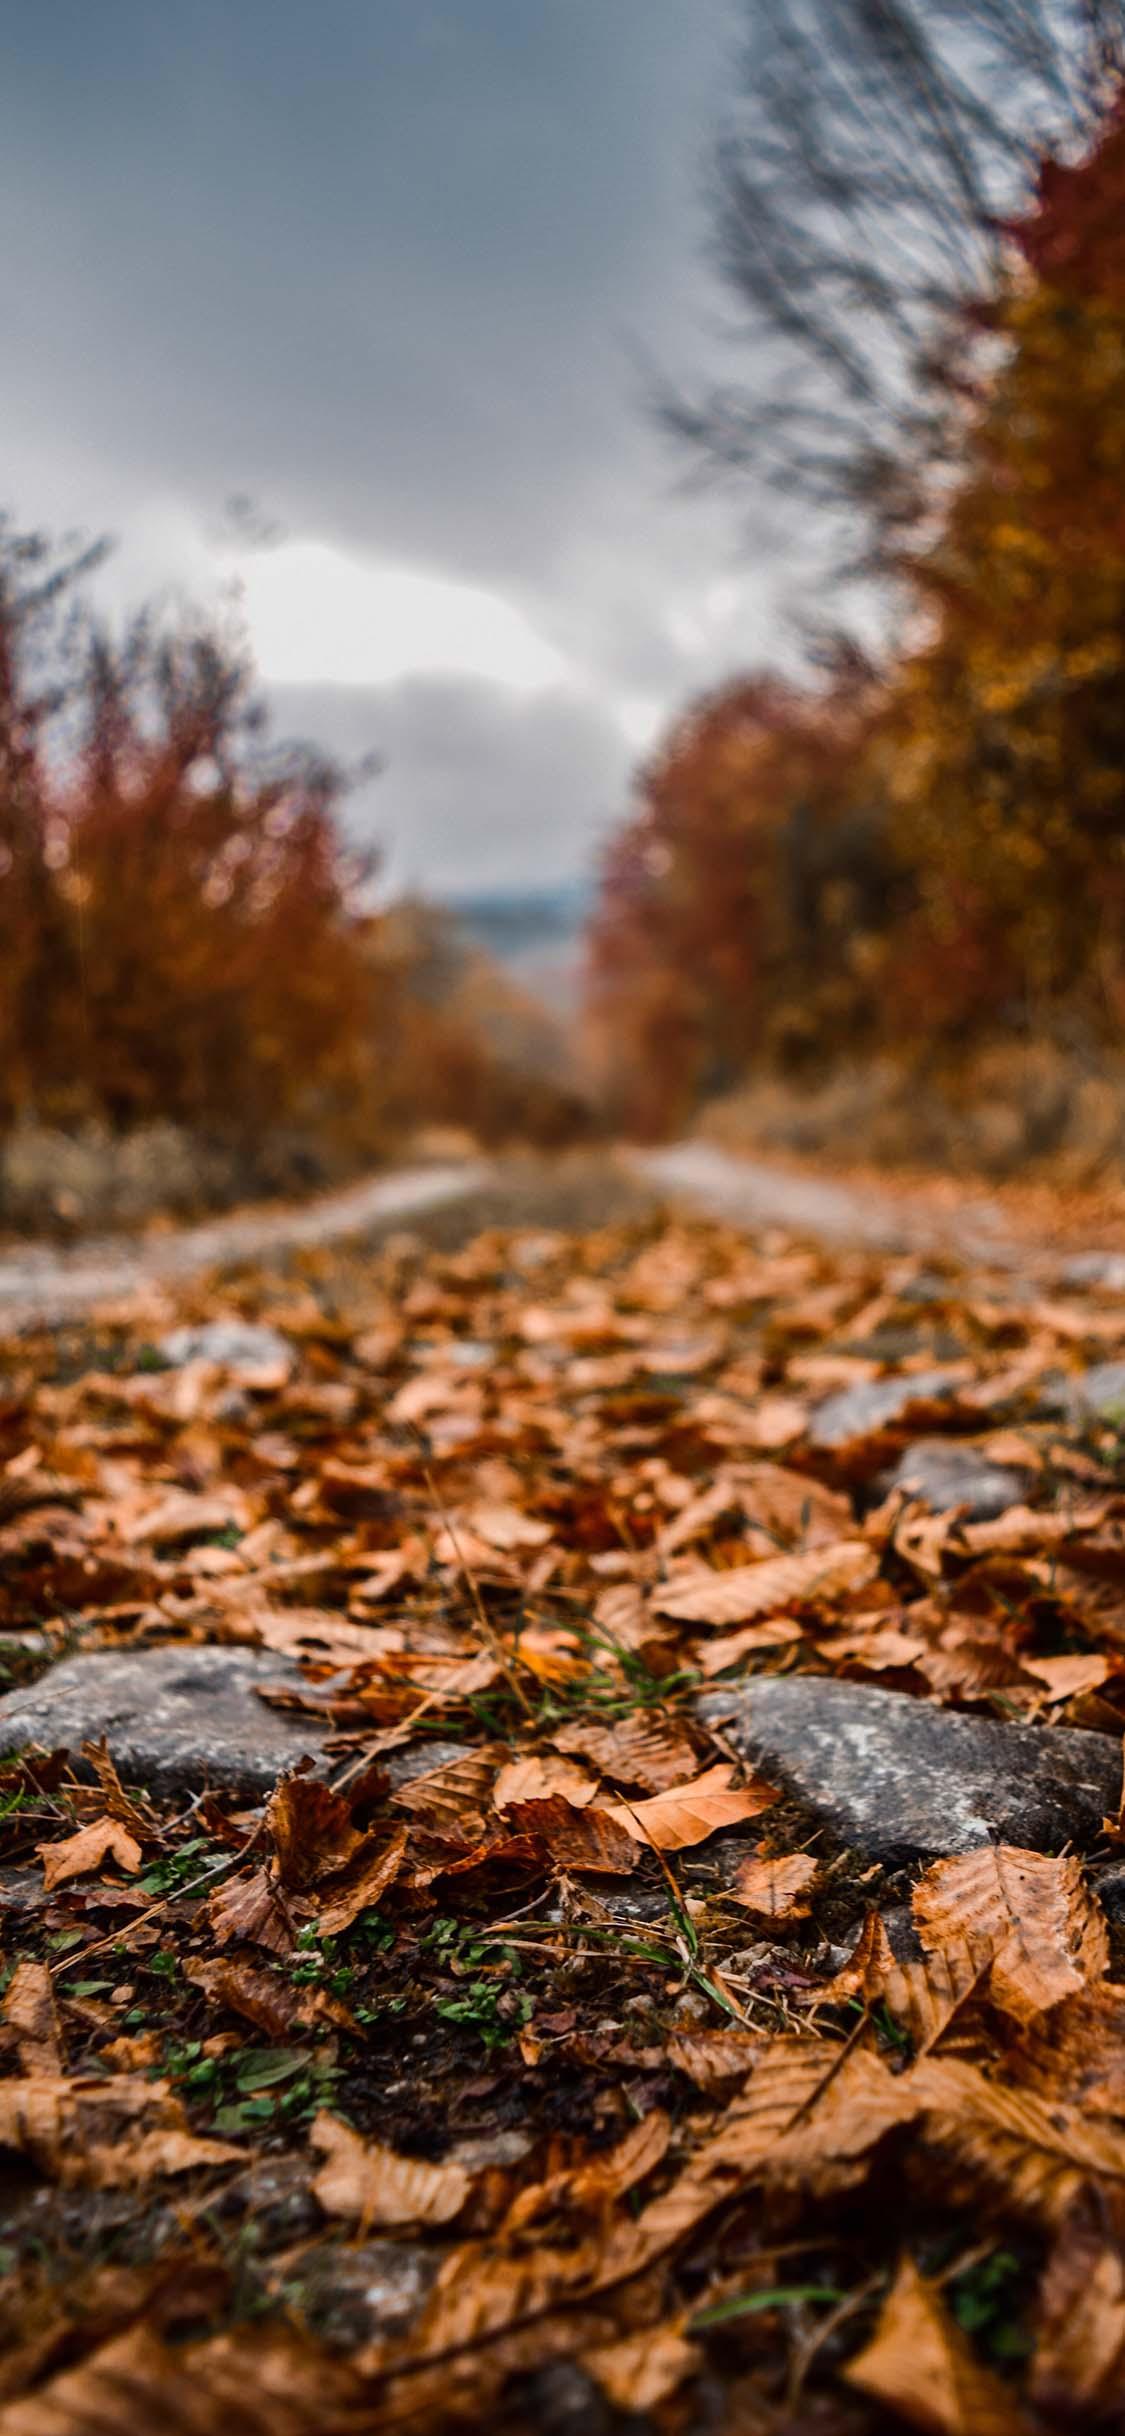 Hình nền mùa thu 1125x2436 cho iPhone - Tải xuống MIỄN PHÍ Hình nền mùa thu đẹp nhất